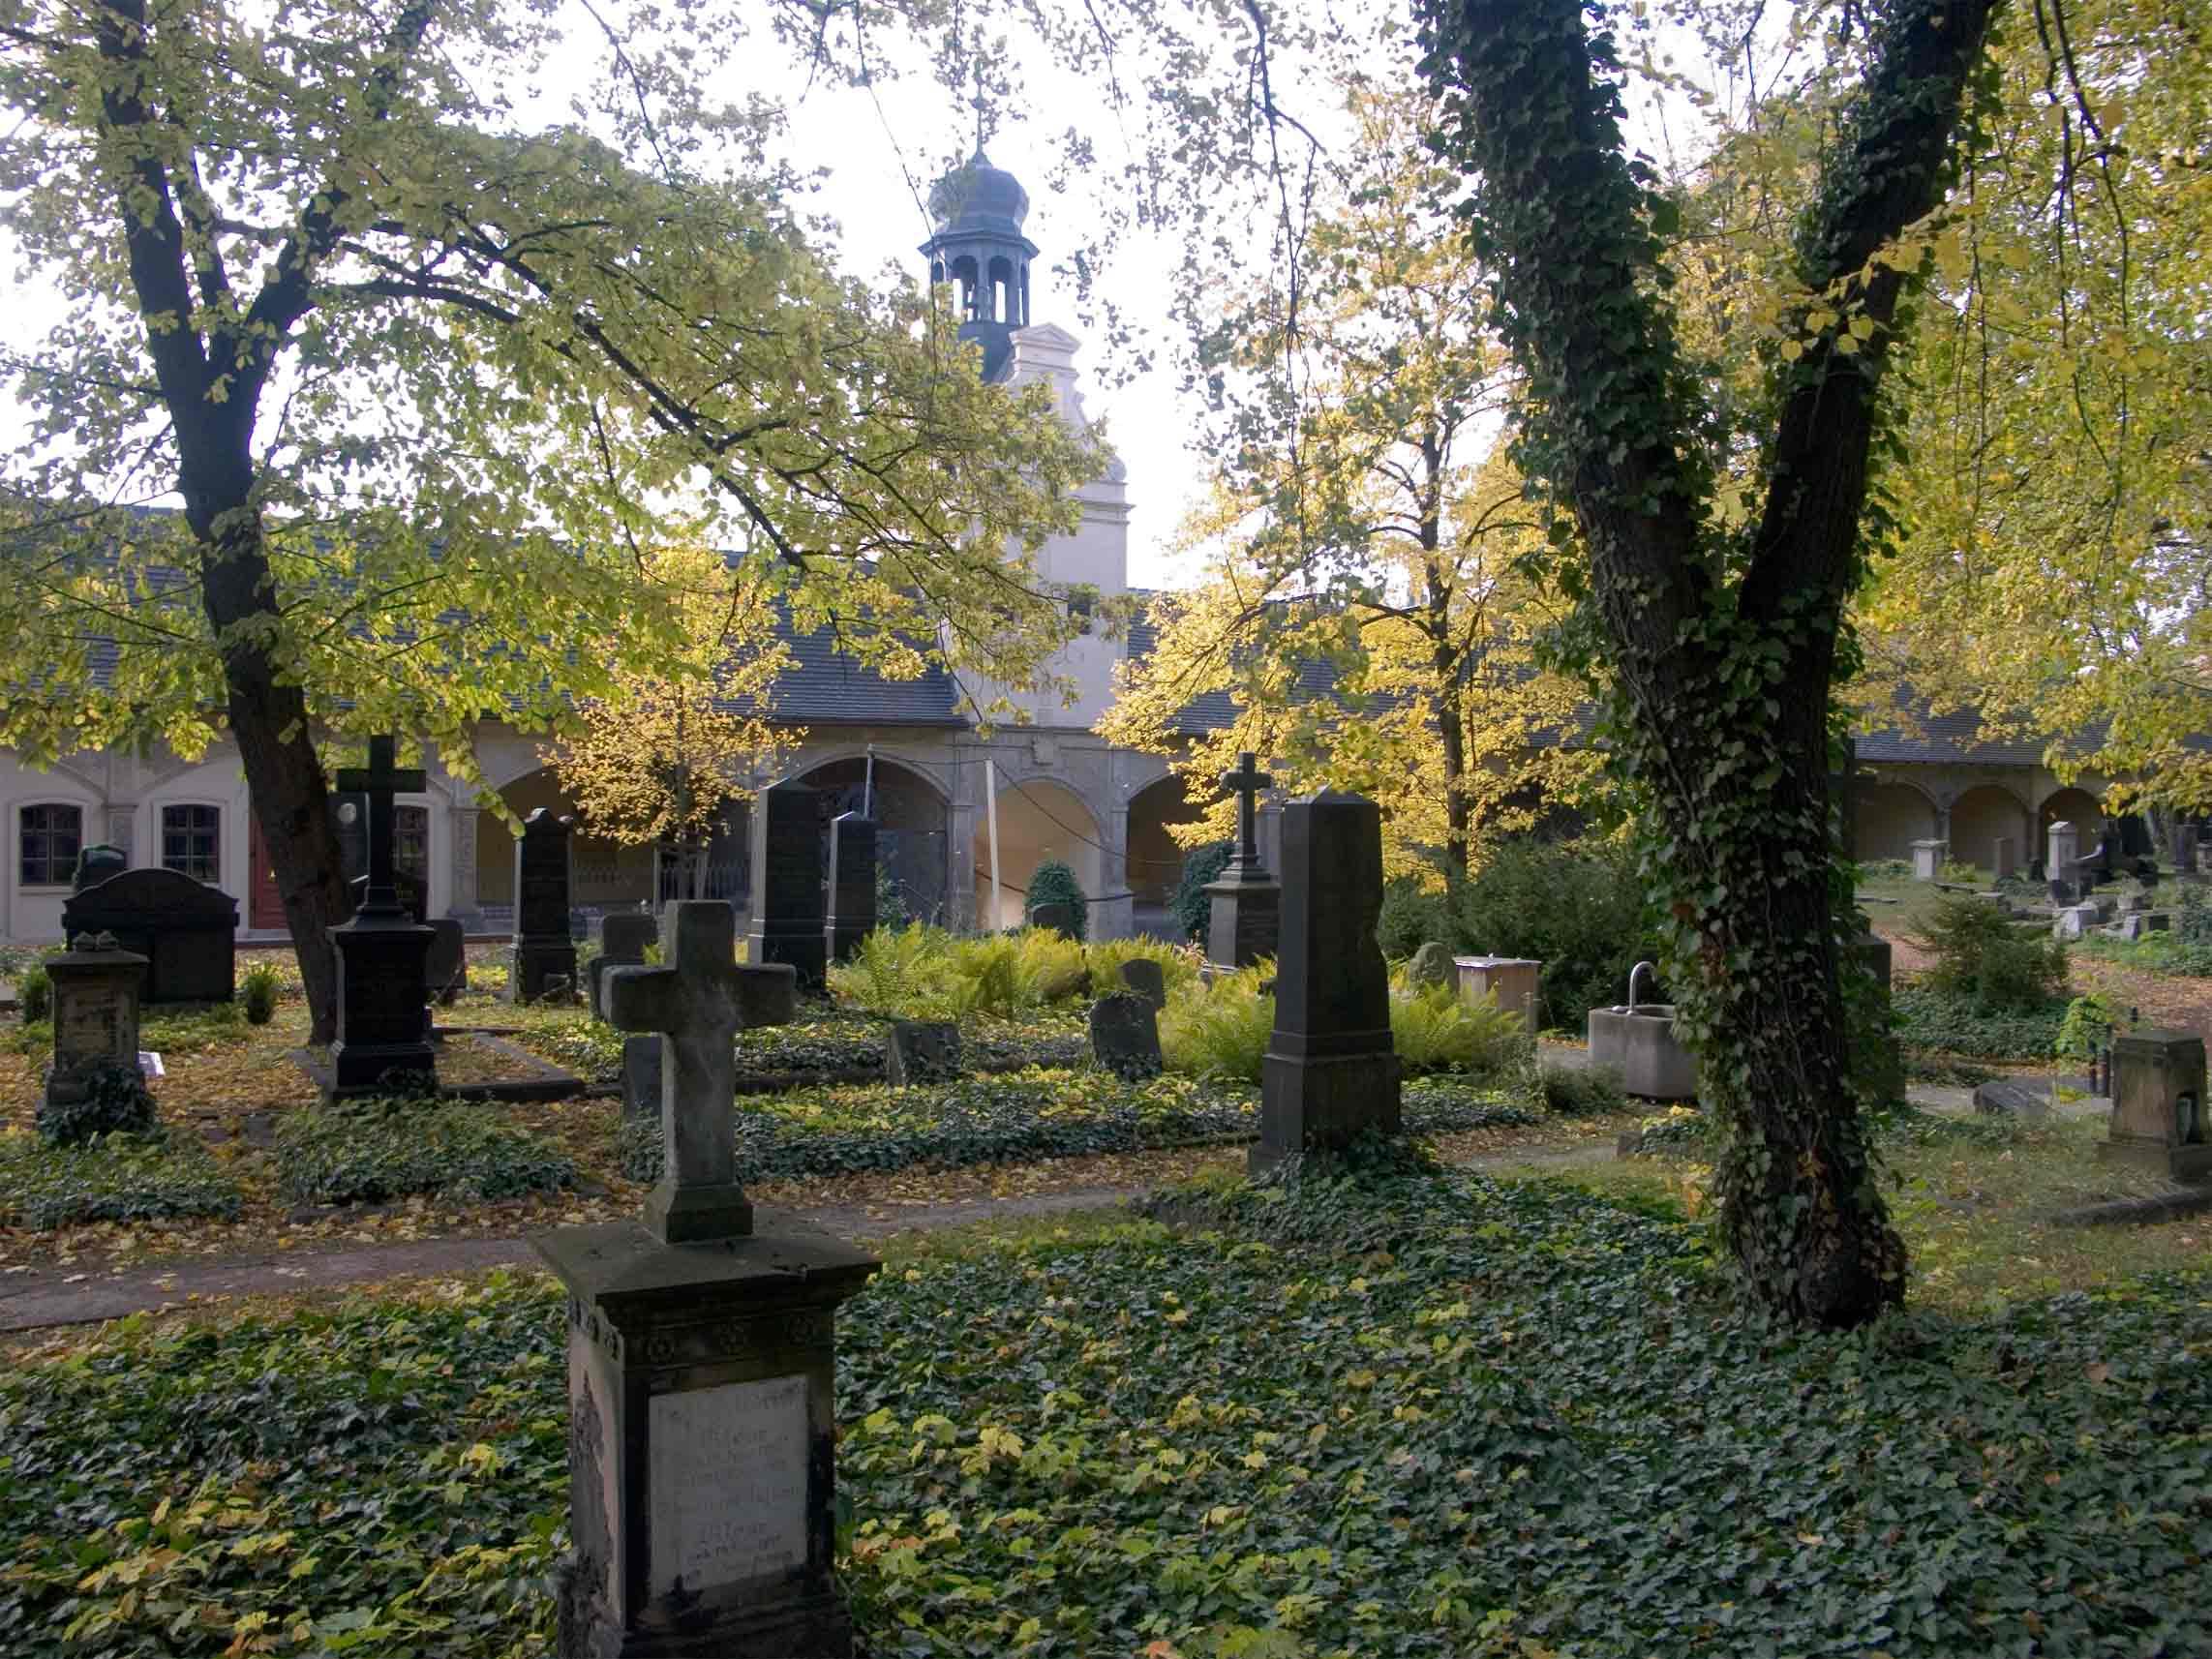 10. Tag der Landesgeschichte in Halle: Thema: Friedhöfe des 15.-17. Jahrhunderts